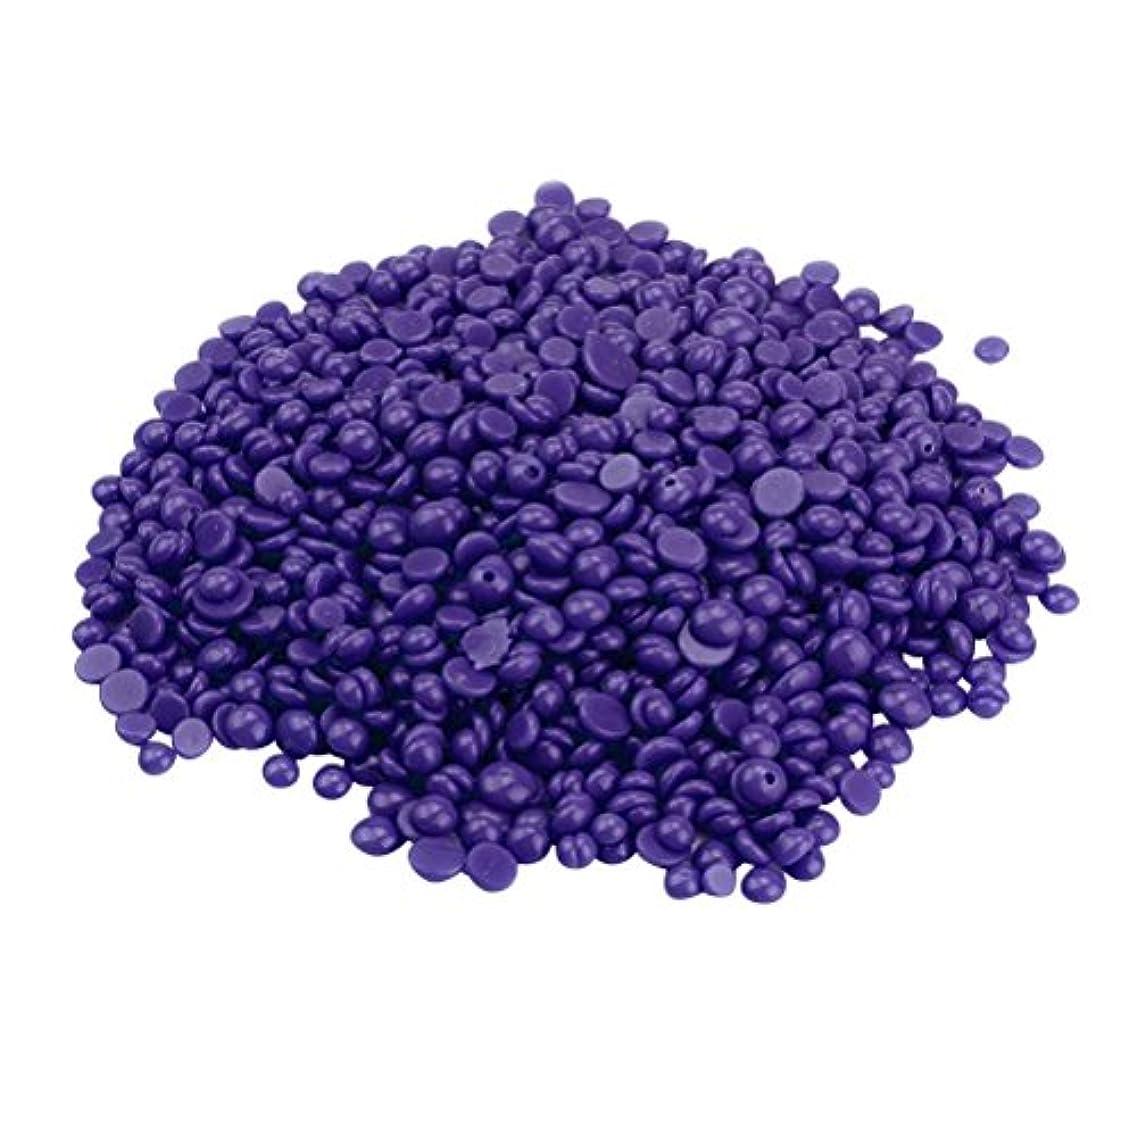 サイレンフロー慣習ROSENICE ハードワックス豆 脚の脱毛 いいえストリップ脱揮発性のパール 辛い 脱毛 400g(紫の)